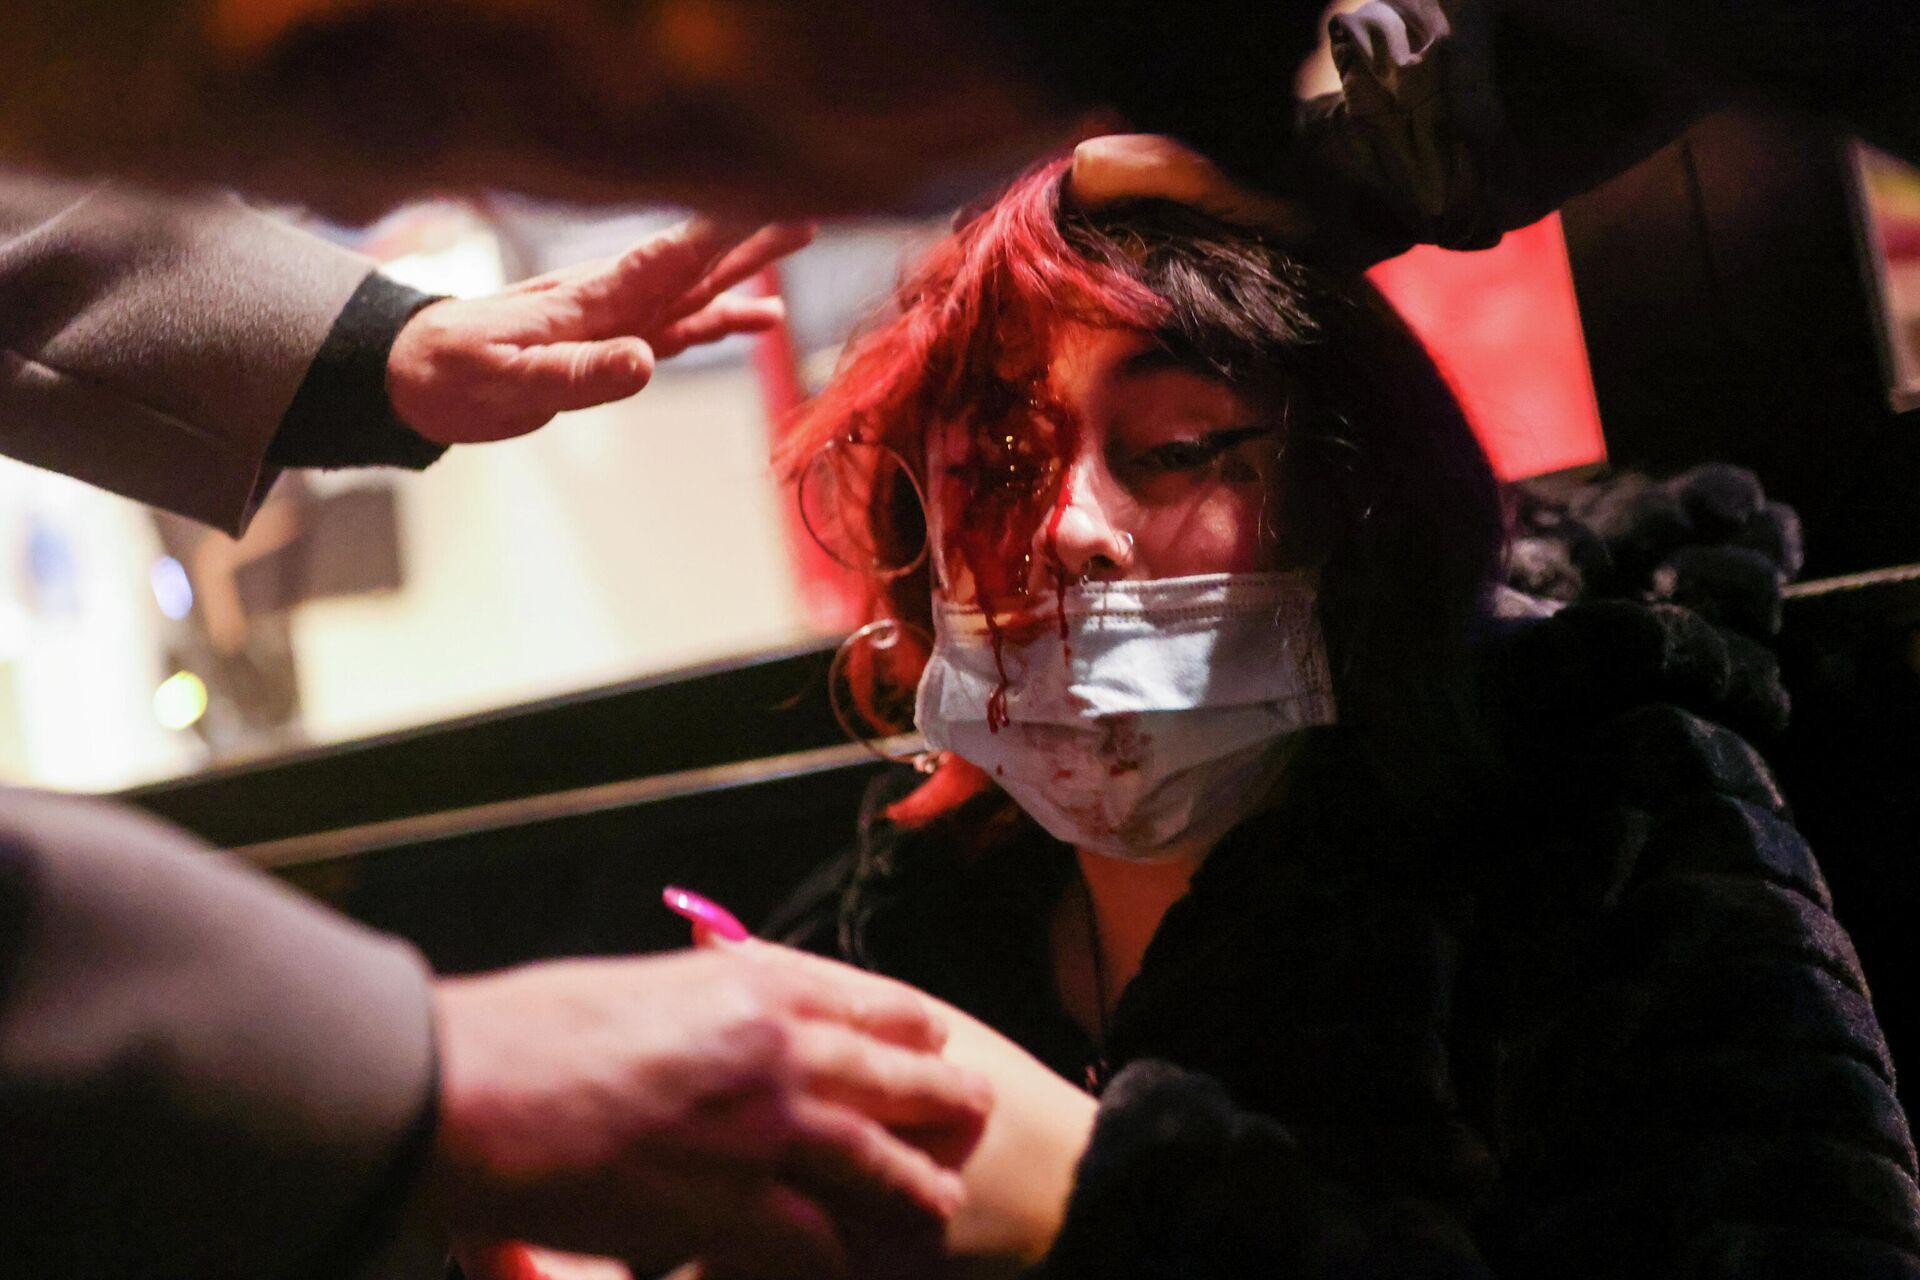 Mujer herida durante los disturbios en Barcelona por la detención del rapero Pablo Hasél - Sputnik Mundo, 1920, 16.02.2021